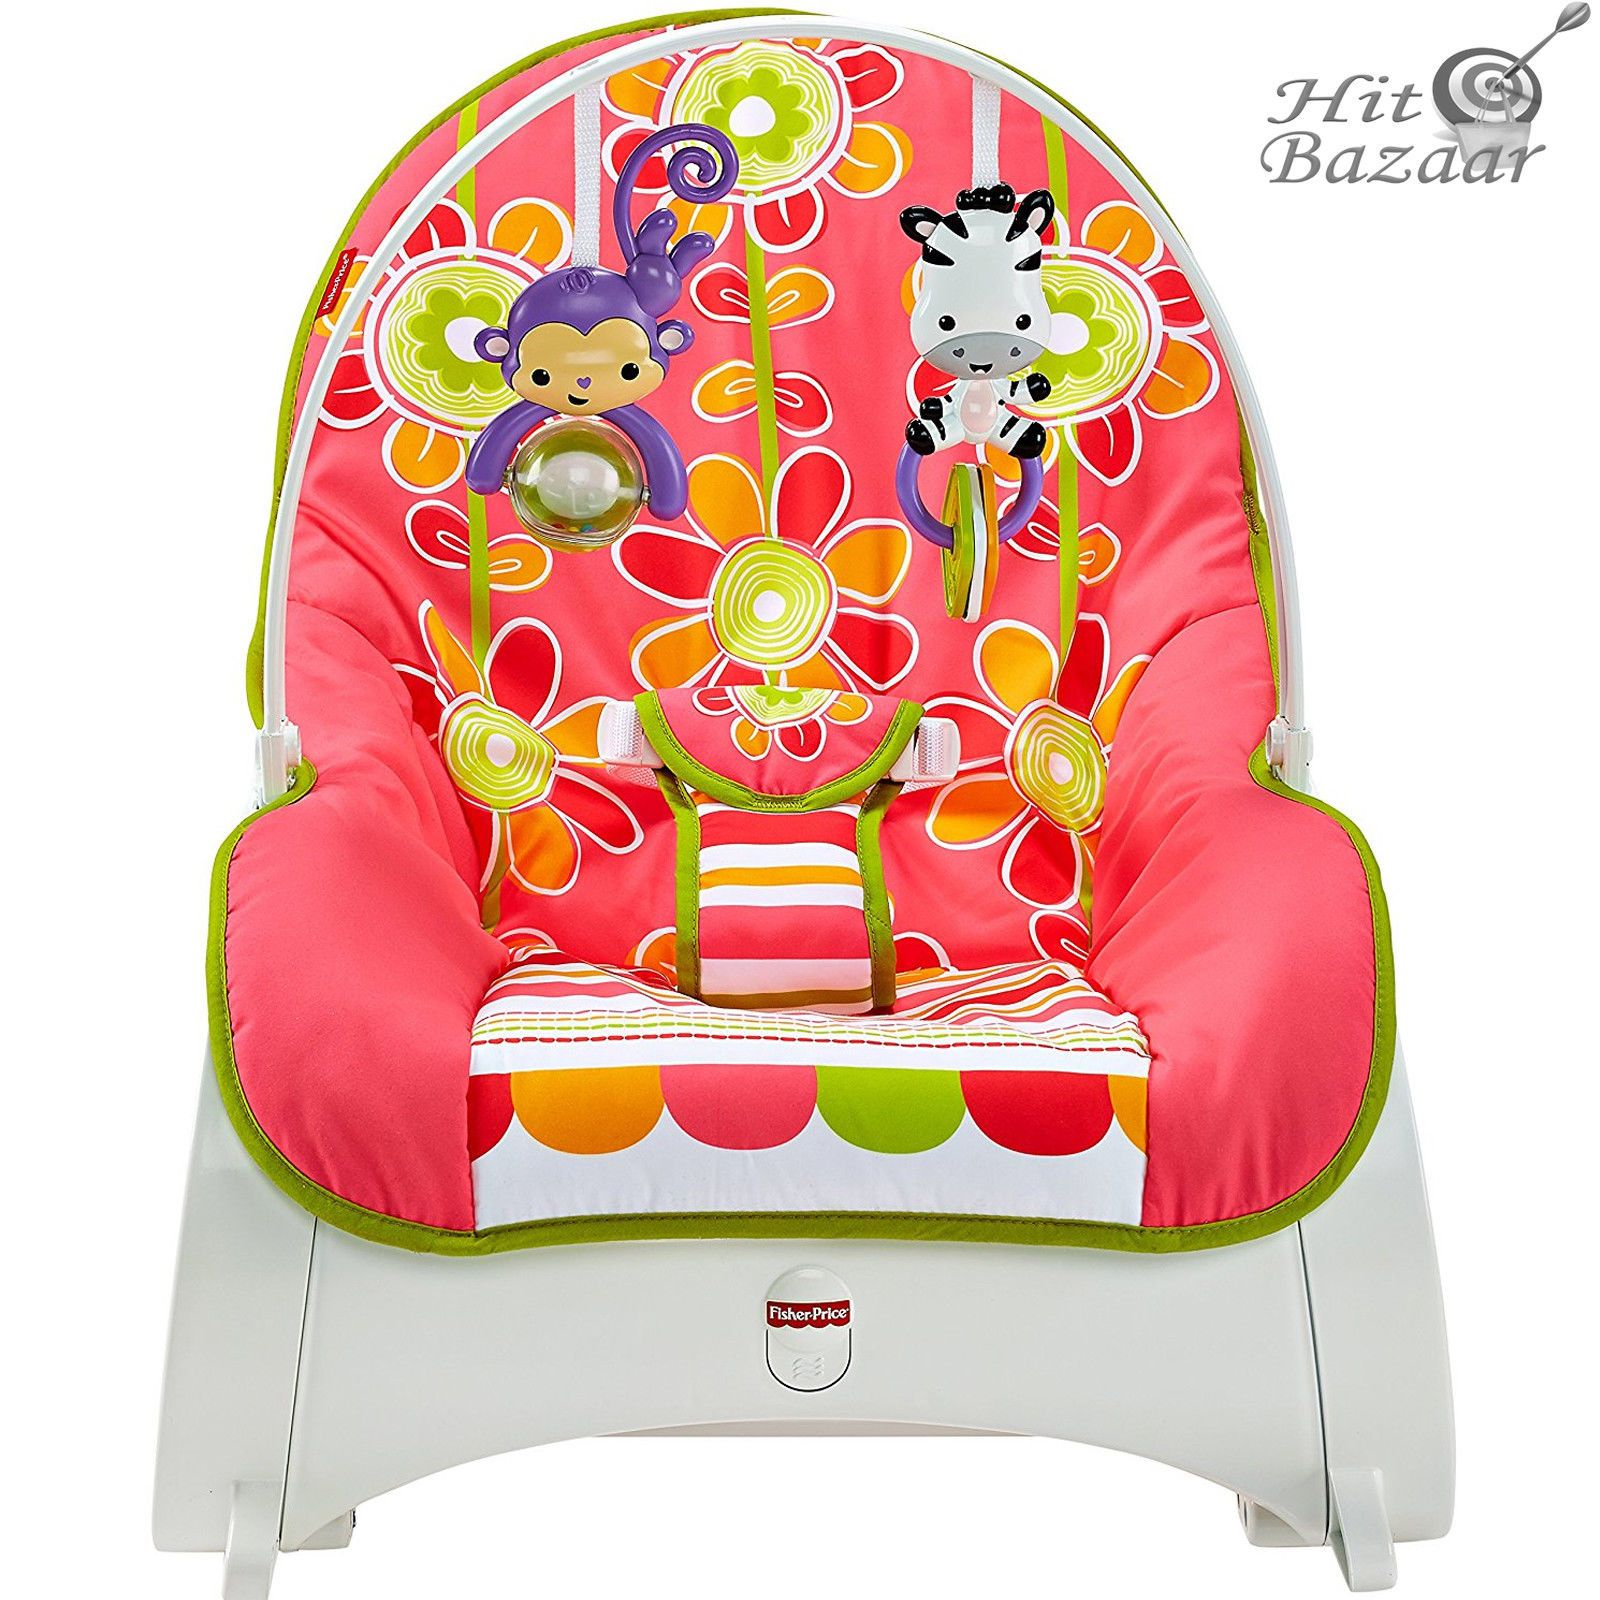 BABY ROCKER INFANT TO Toddler Rocking Newborn Crib Swing